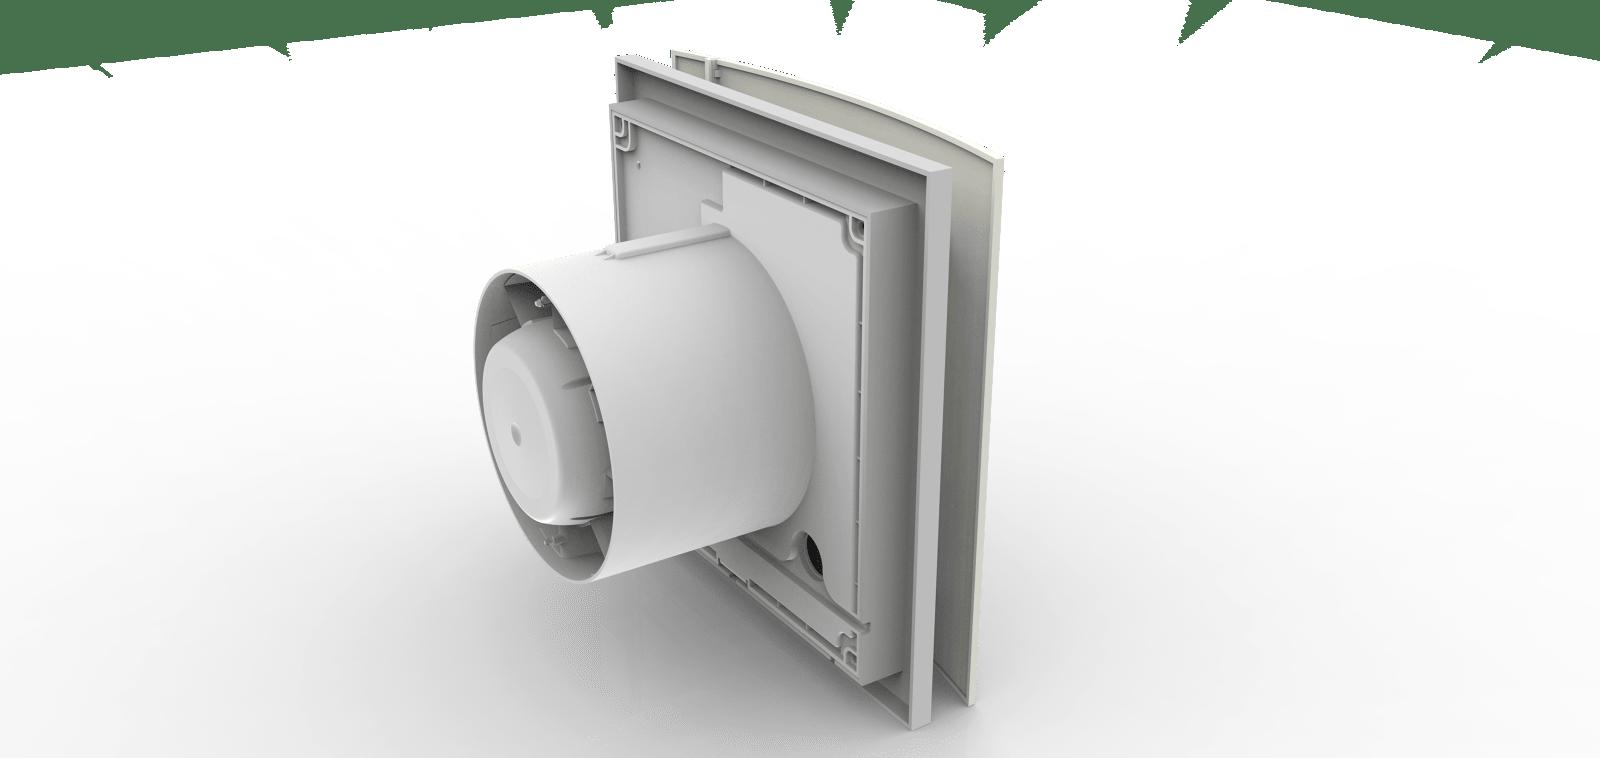 extracteur salle de bain